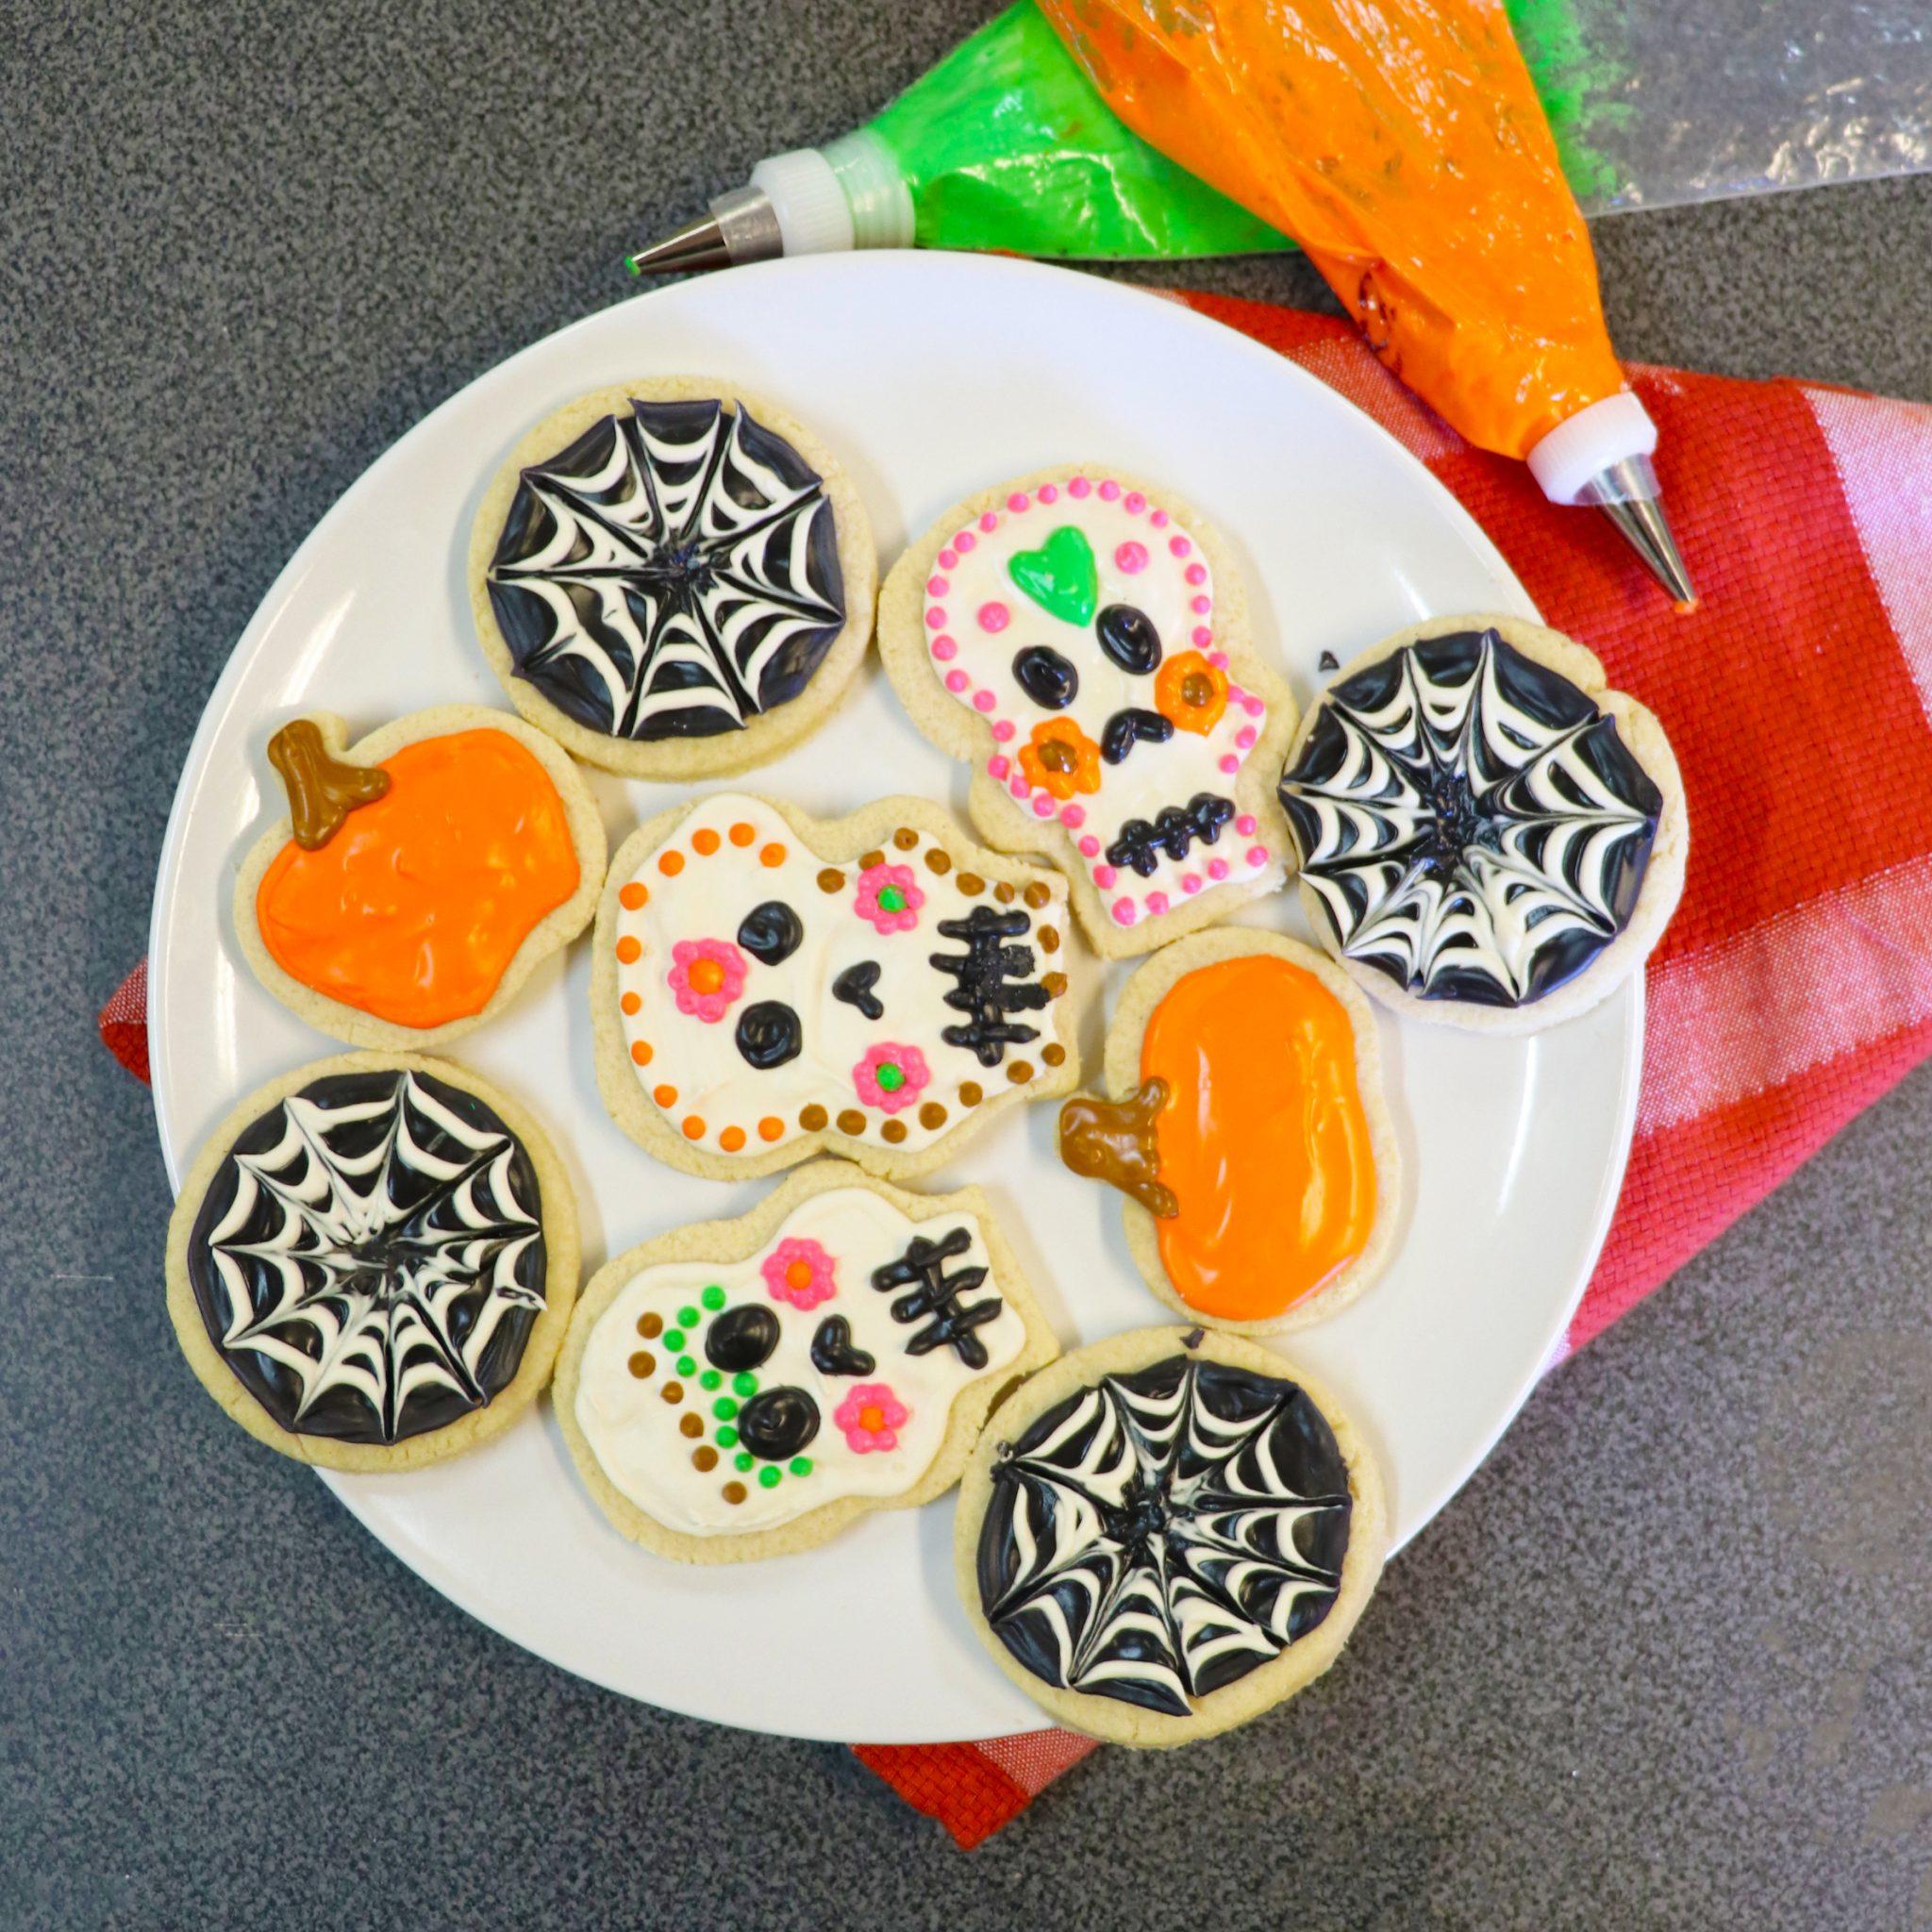 picture of sugar skull, pumpkin, and spider web cookies made for Día de los Muertos